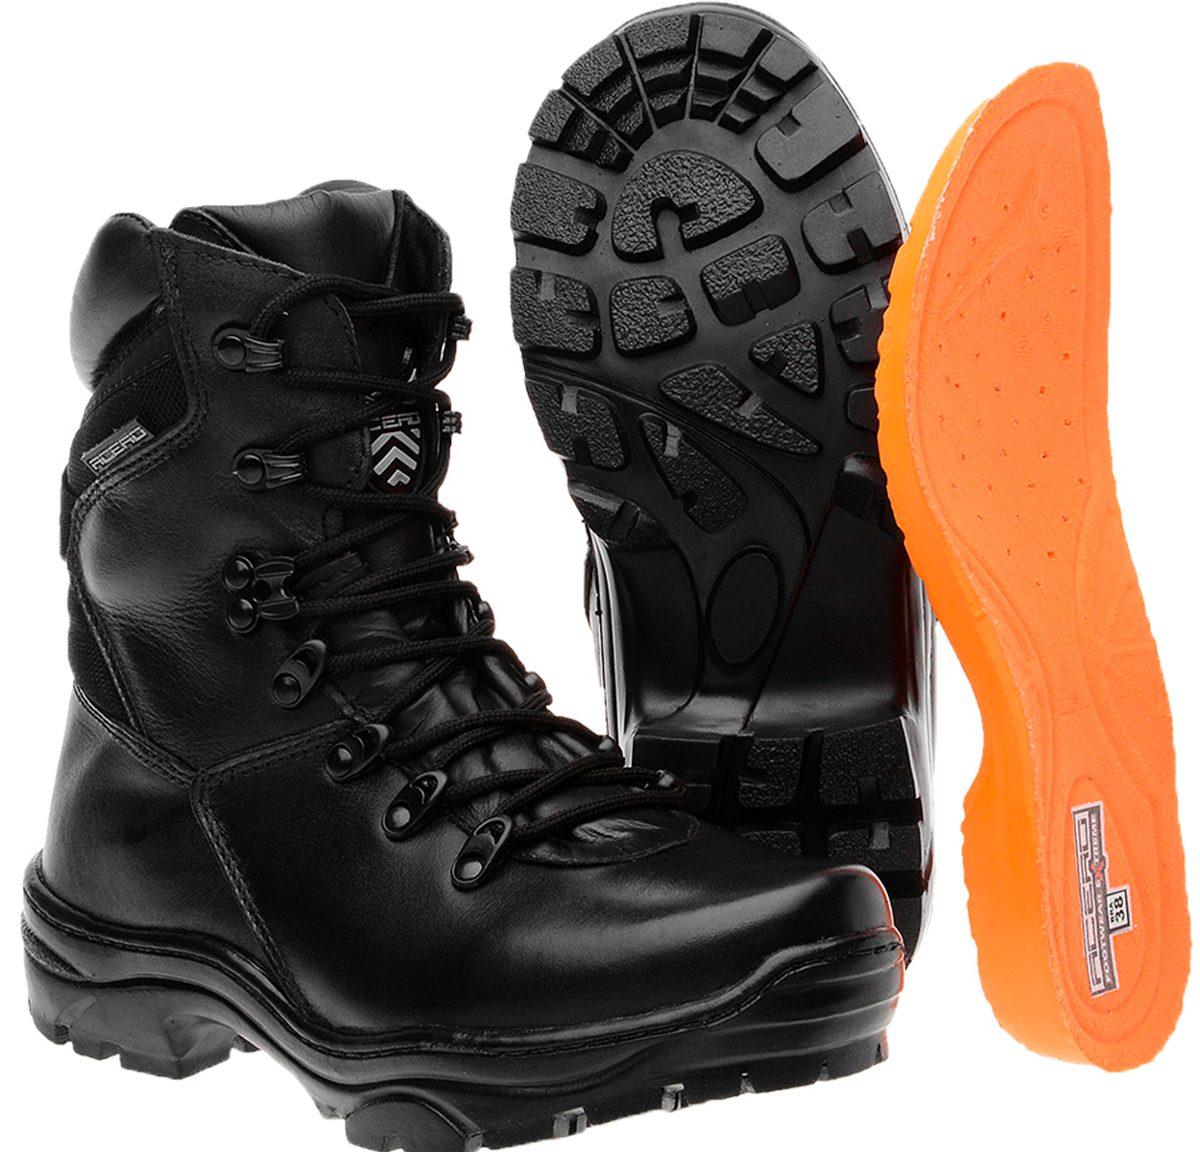 bota masculina coturno cano médio militar couro acero dhl. Carregando zoom. b60c51e6204